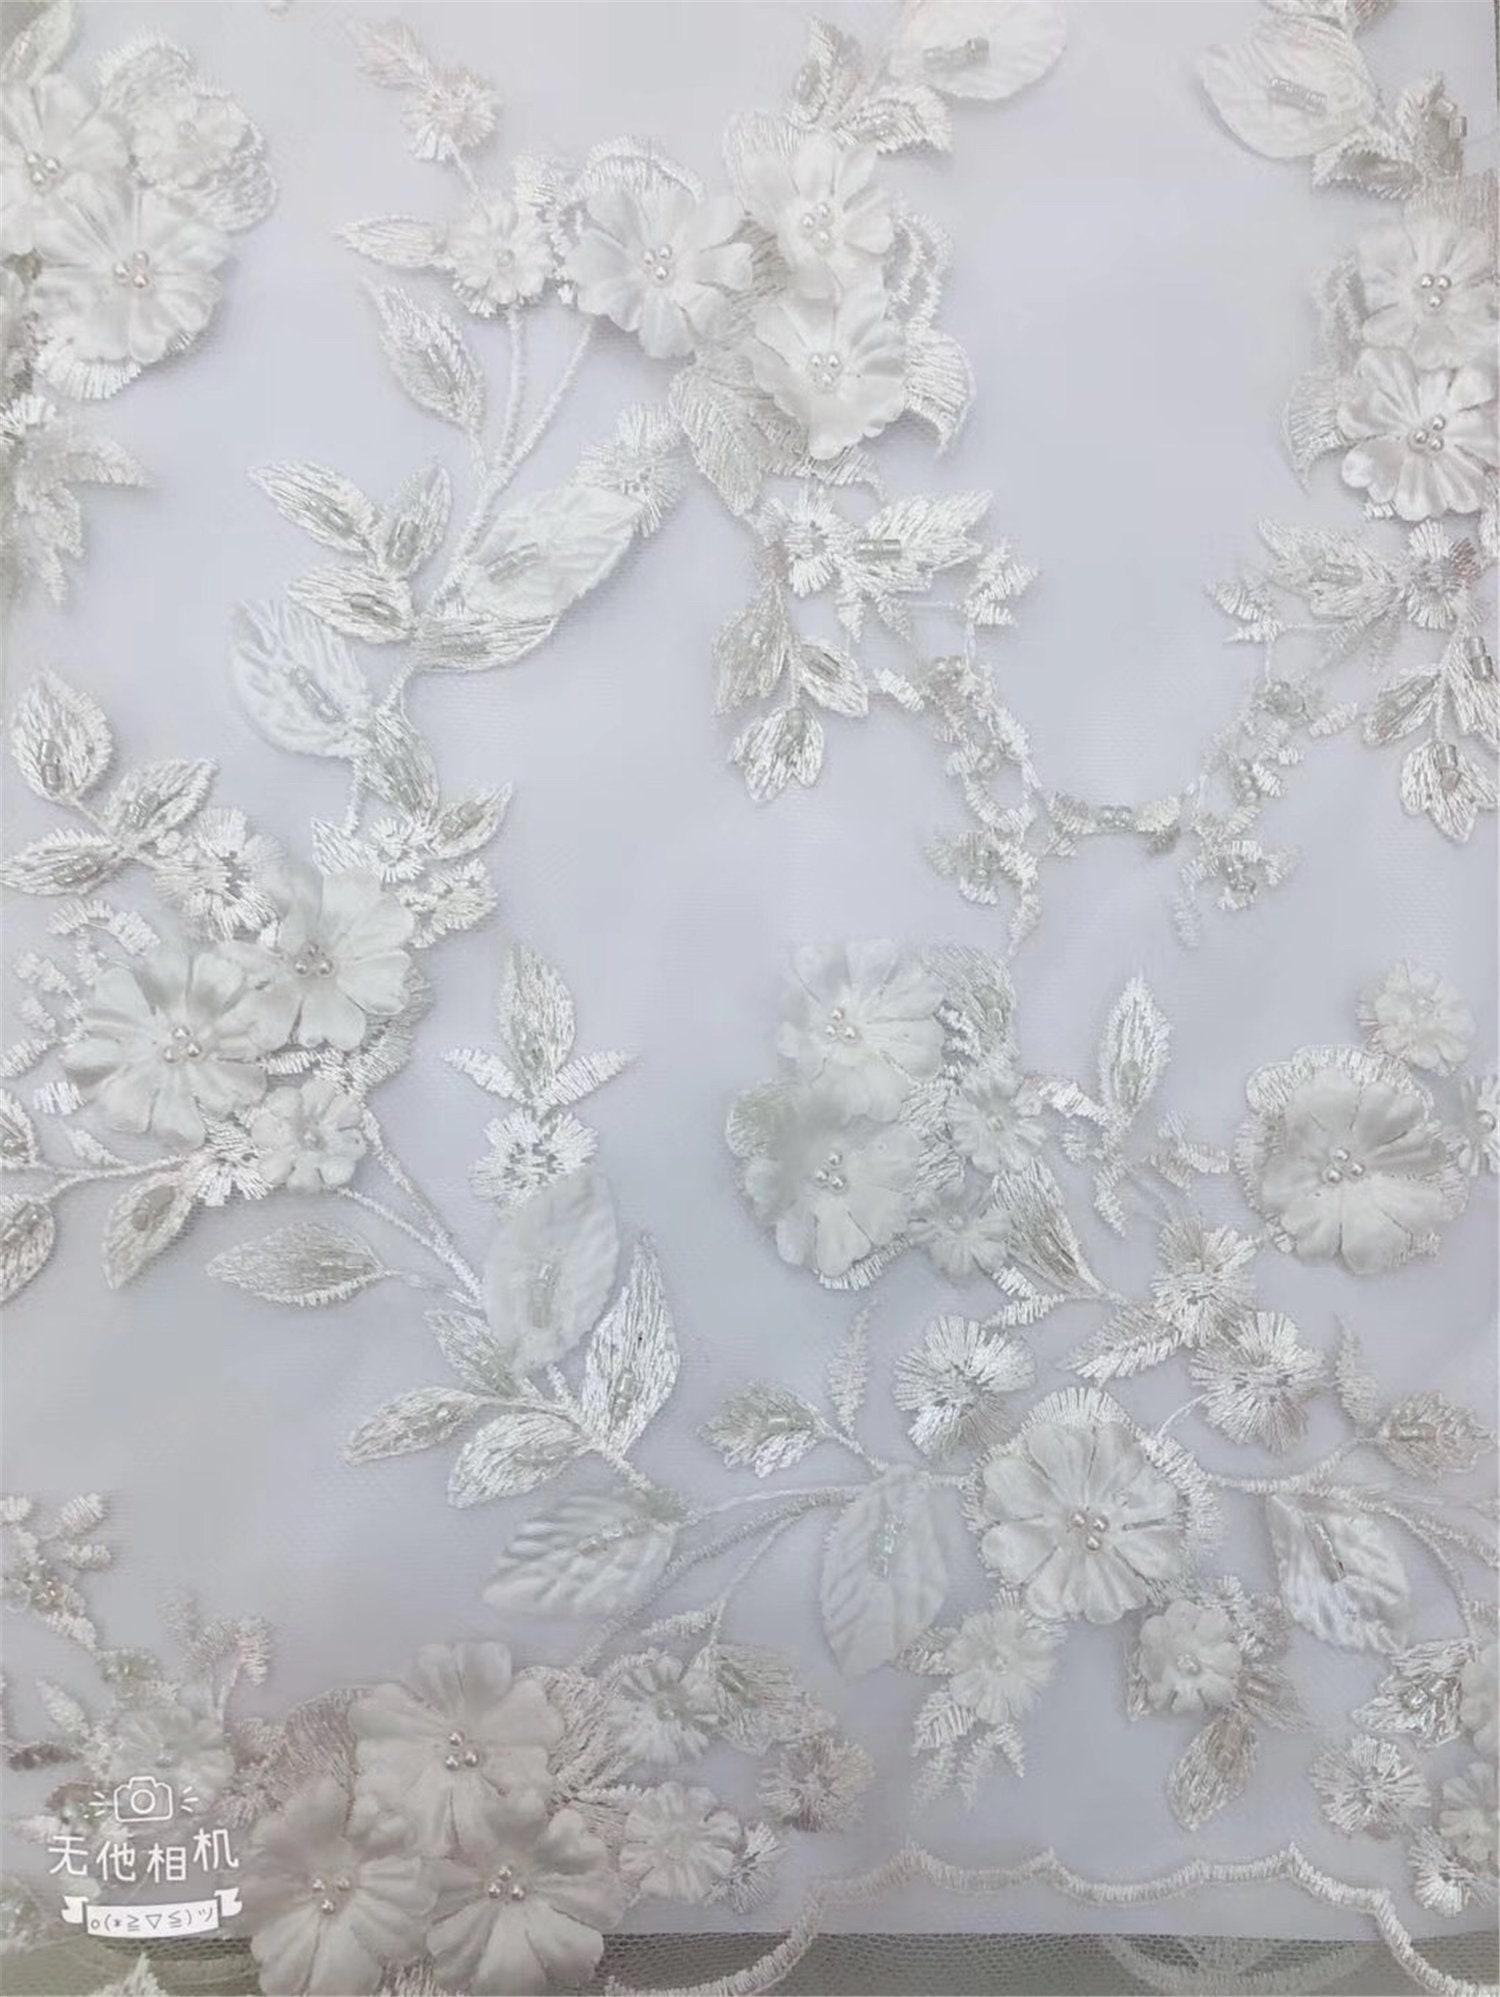 Vendu 5 yard yard yard en 2019 plus récent 4 couleurs 3D fleur mariée dentelle tissu élégant mariage 3D perles dentelle tissu guipure dentelle tissu ac06ff